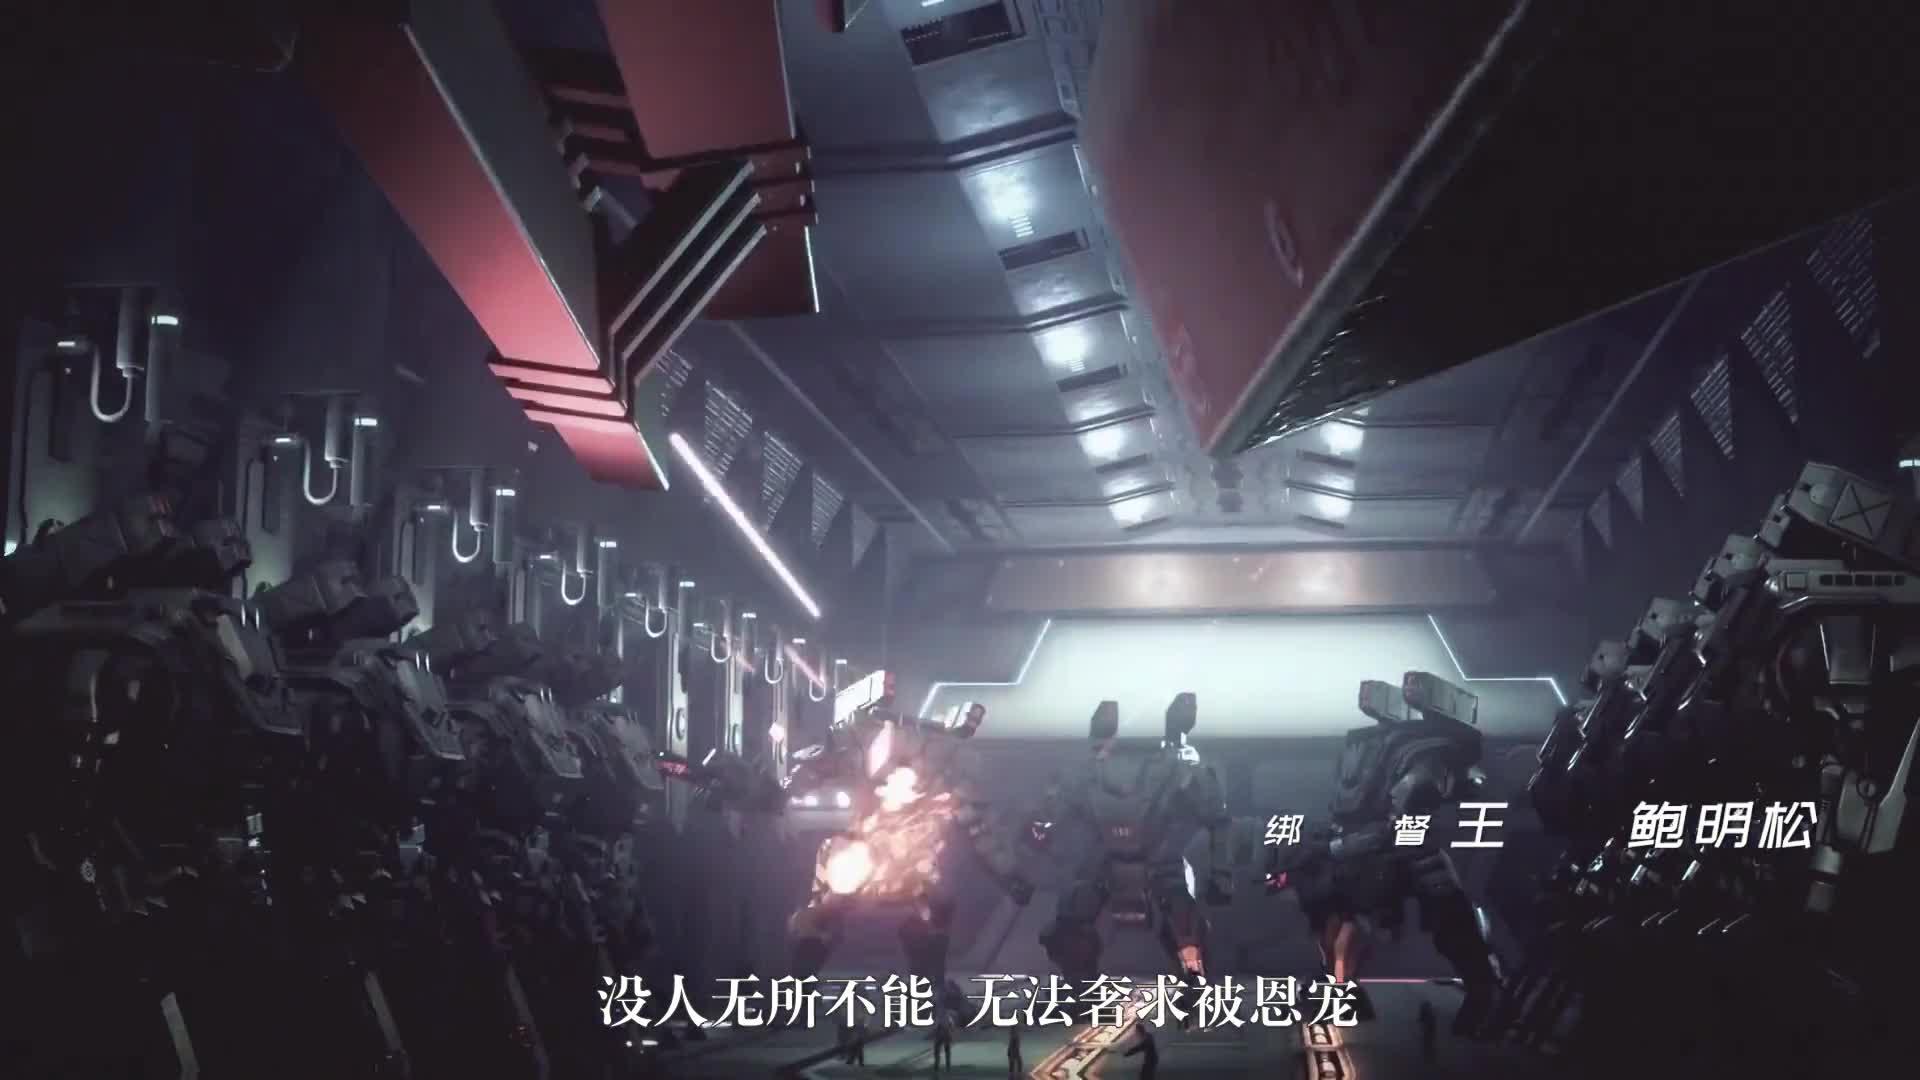 Can Ci Pin: Fangzhu Xingkong